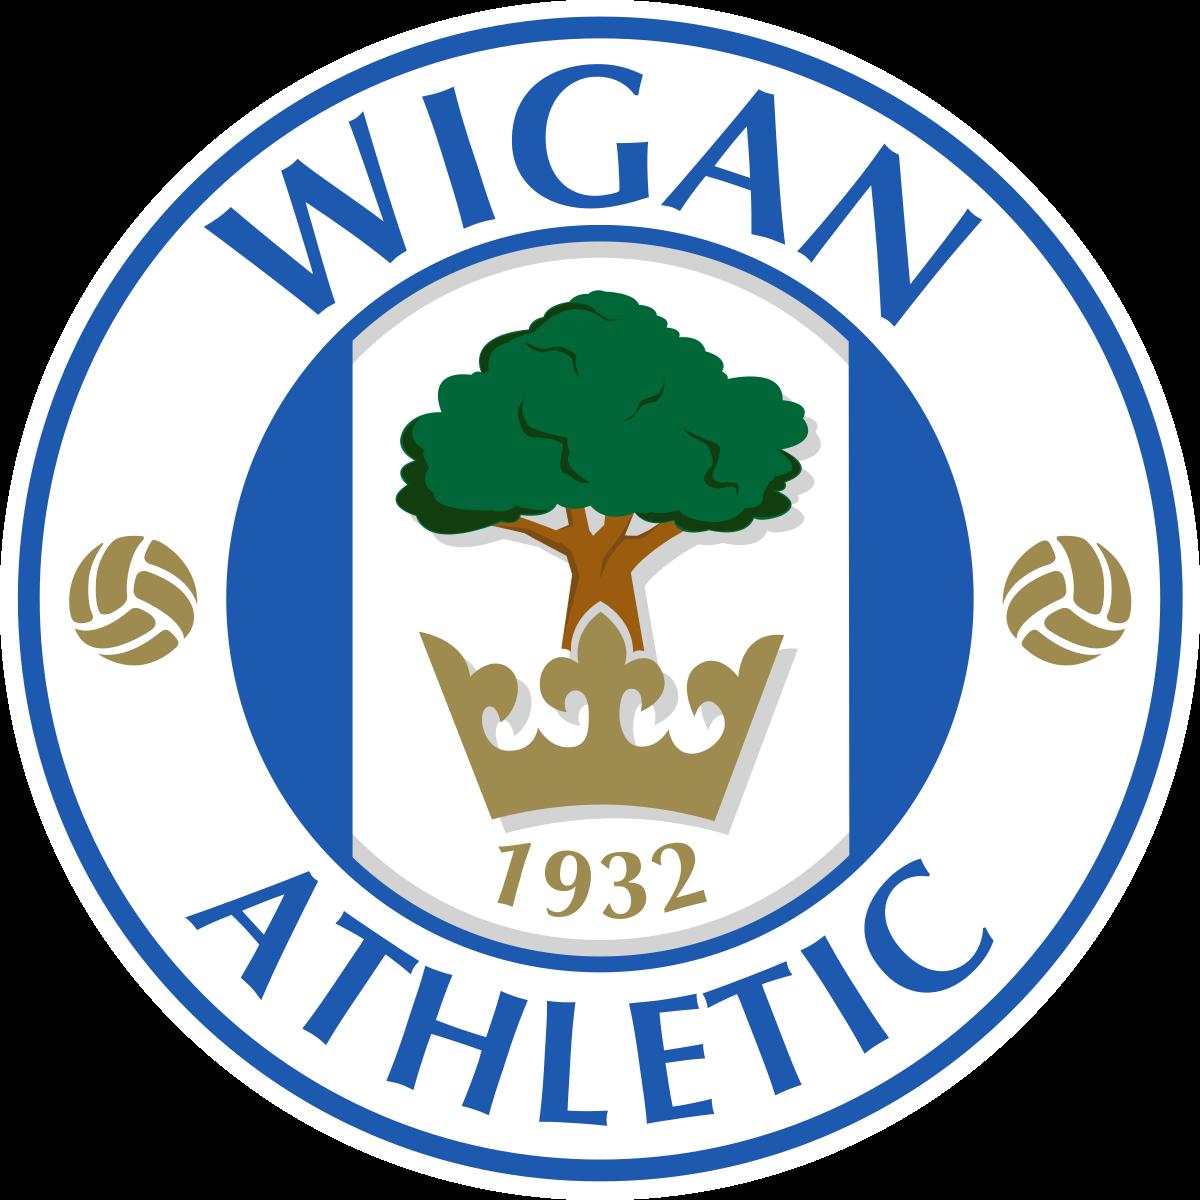 8 badge Wigan.png